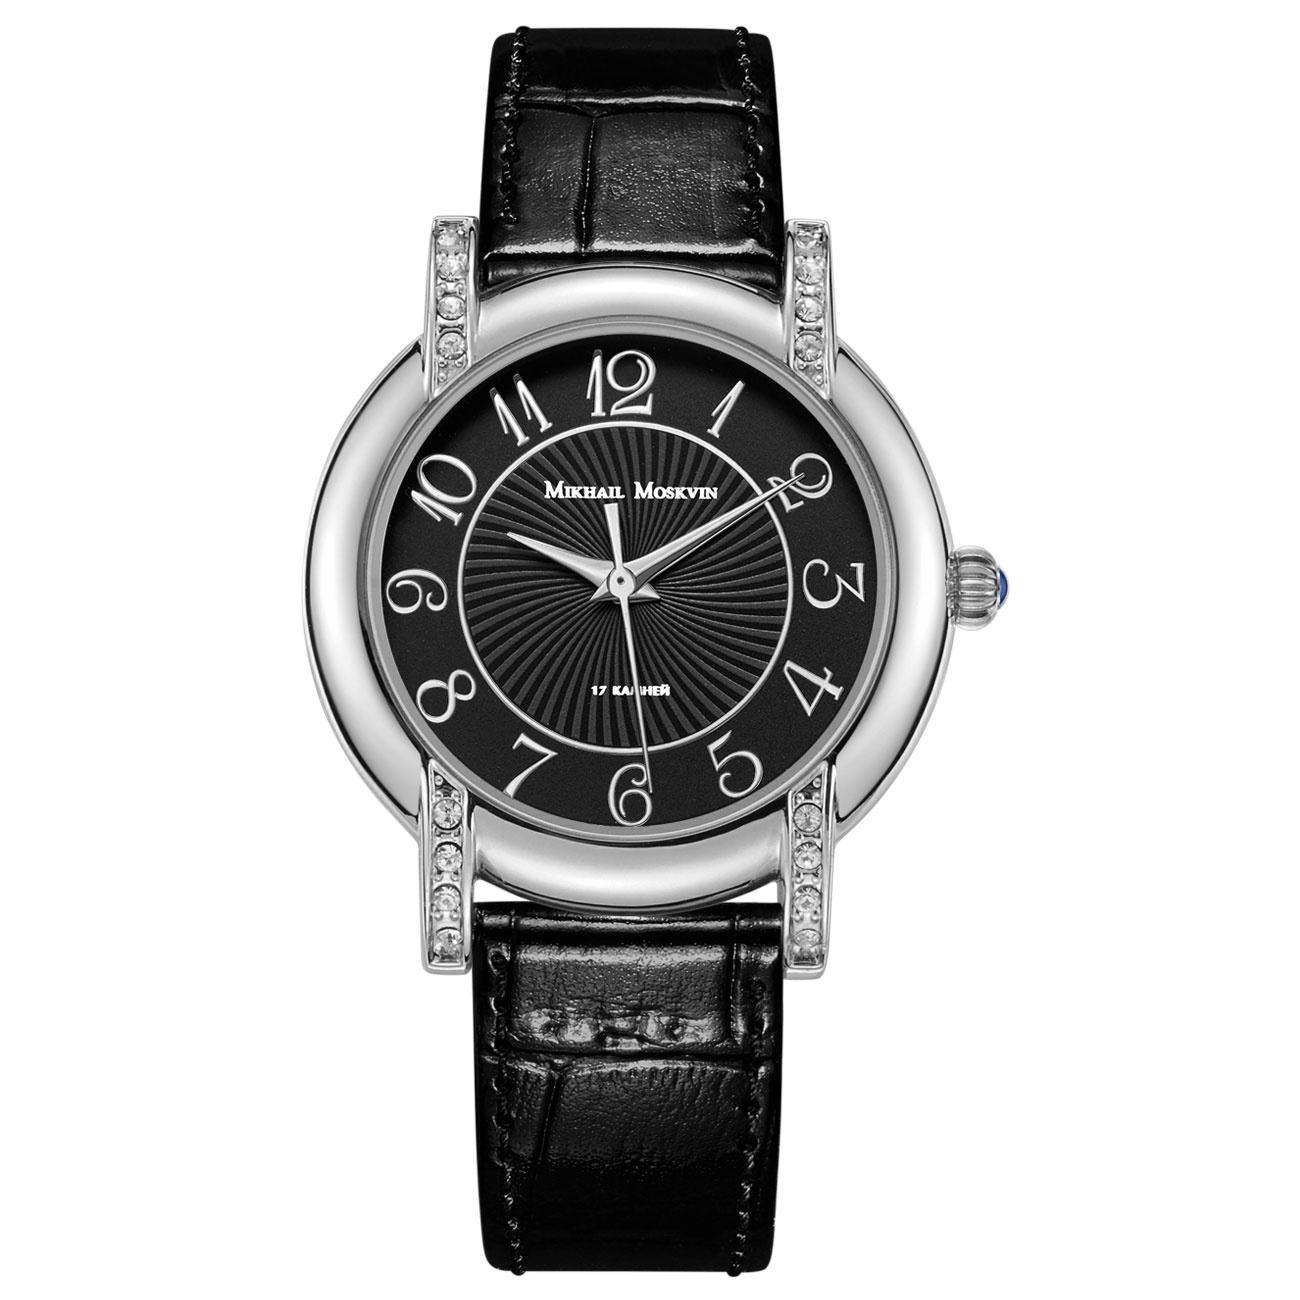 Часы Mikhail Moskvin 545-6-7 все цены